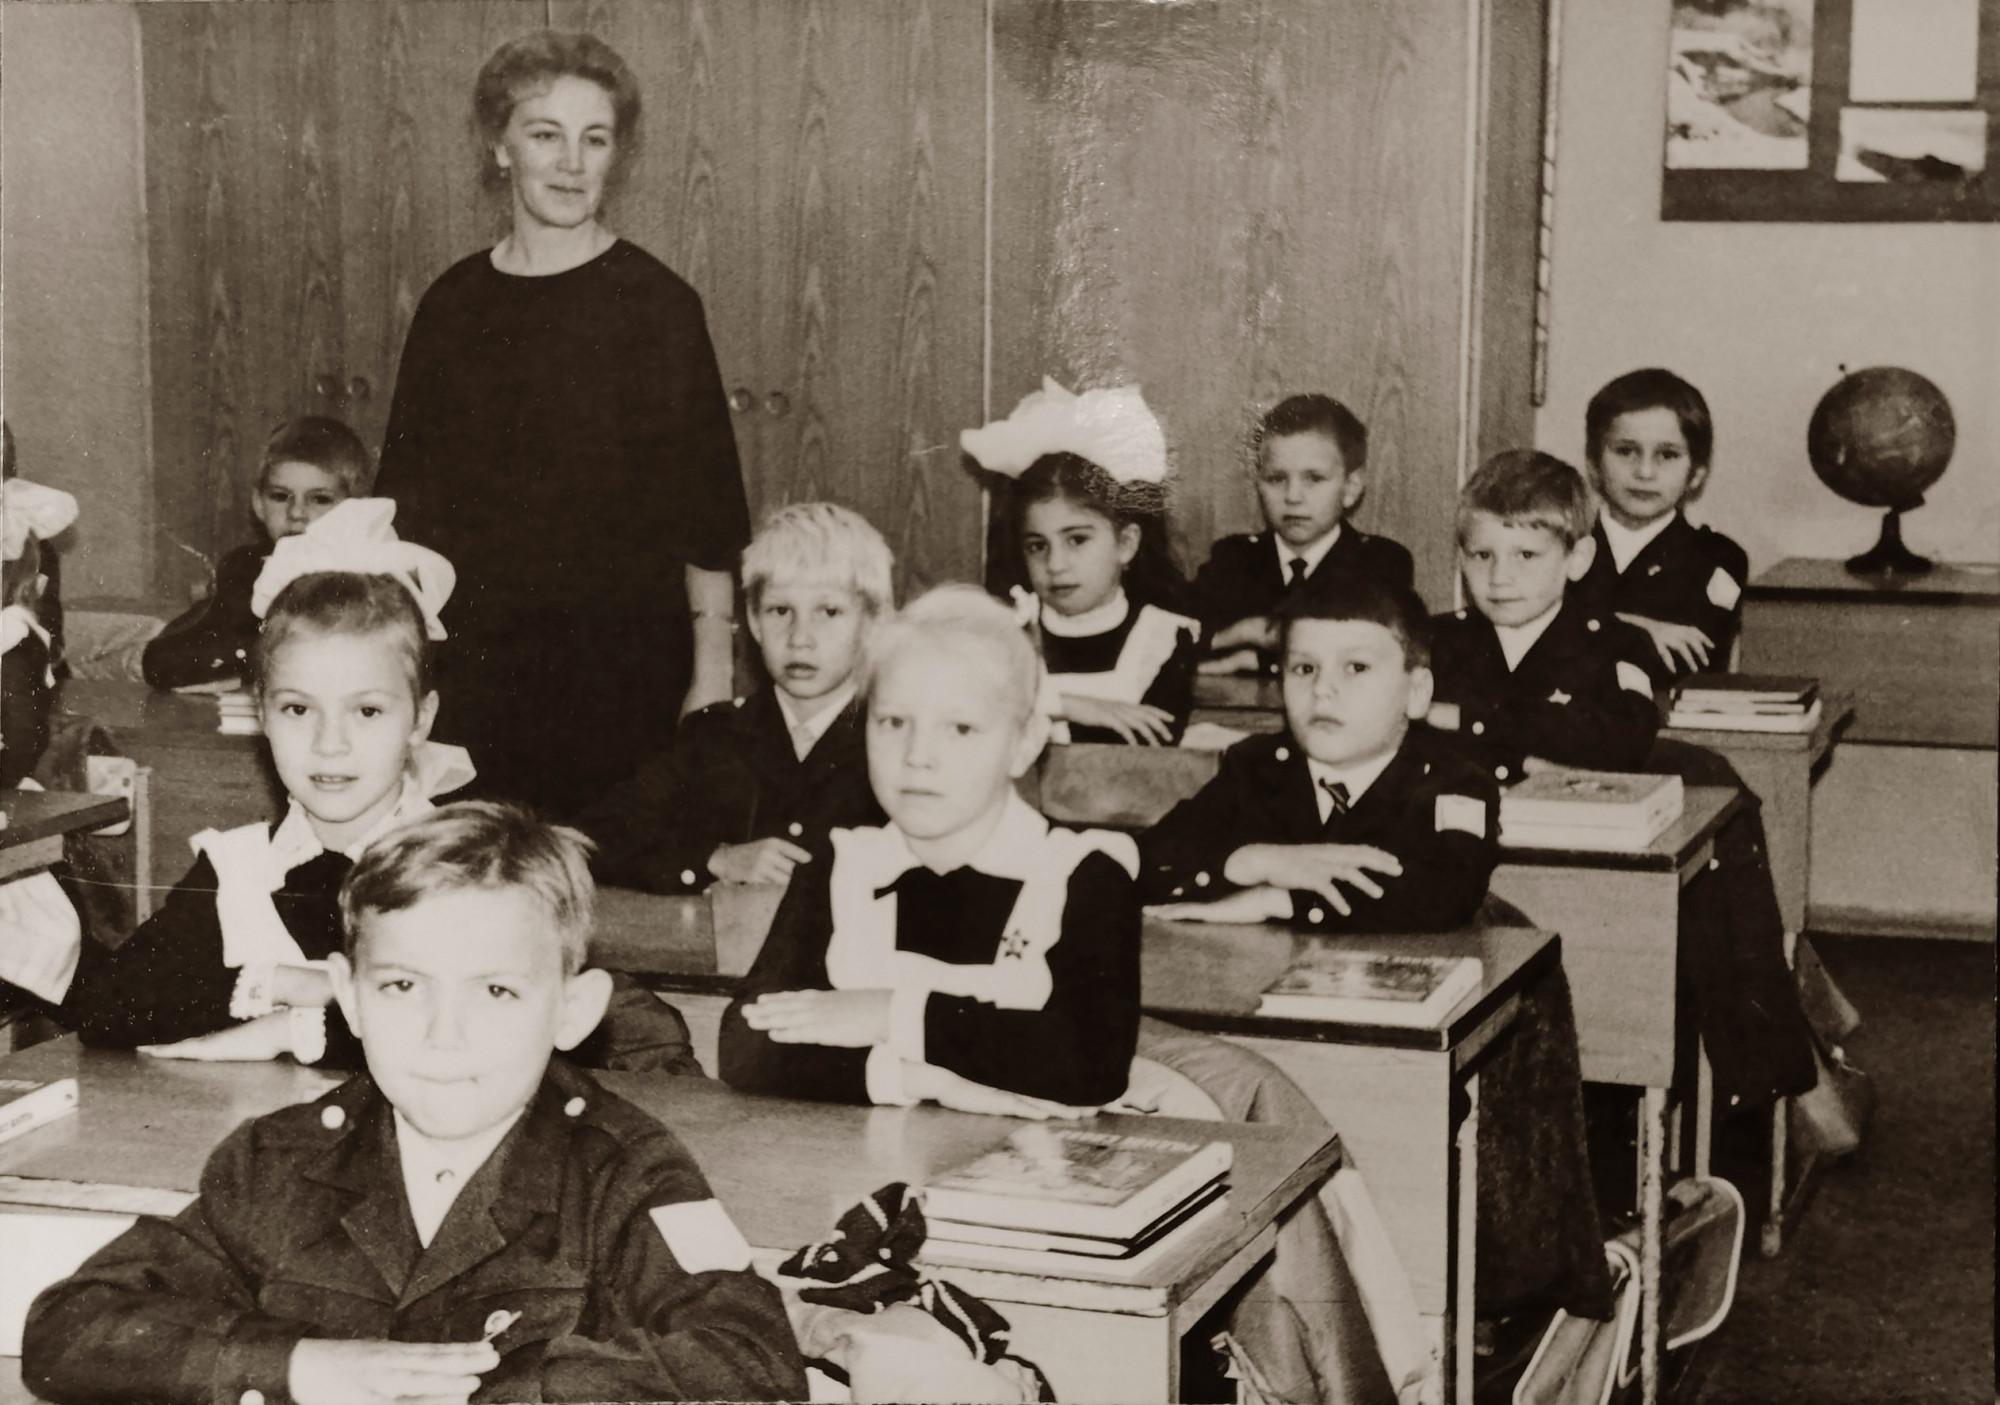 1г класс 816 школы, 89 год, классный руководитель Любовь Александровна1